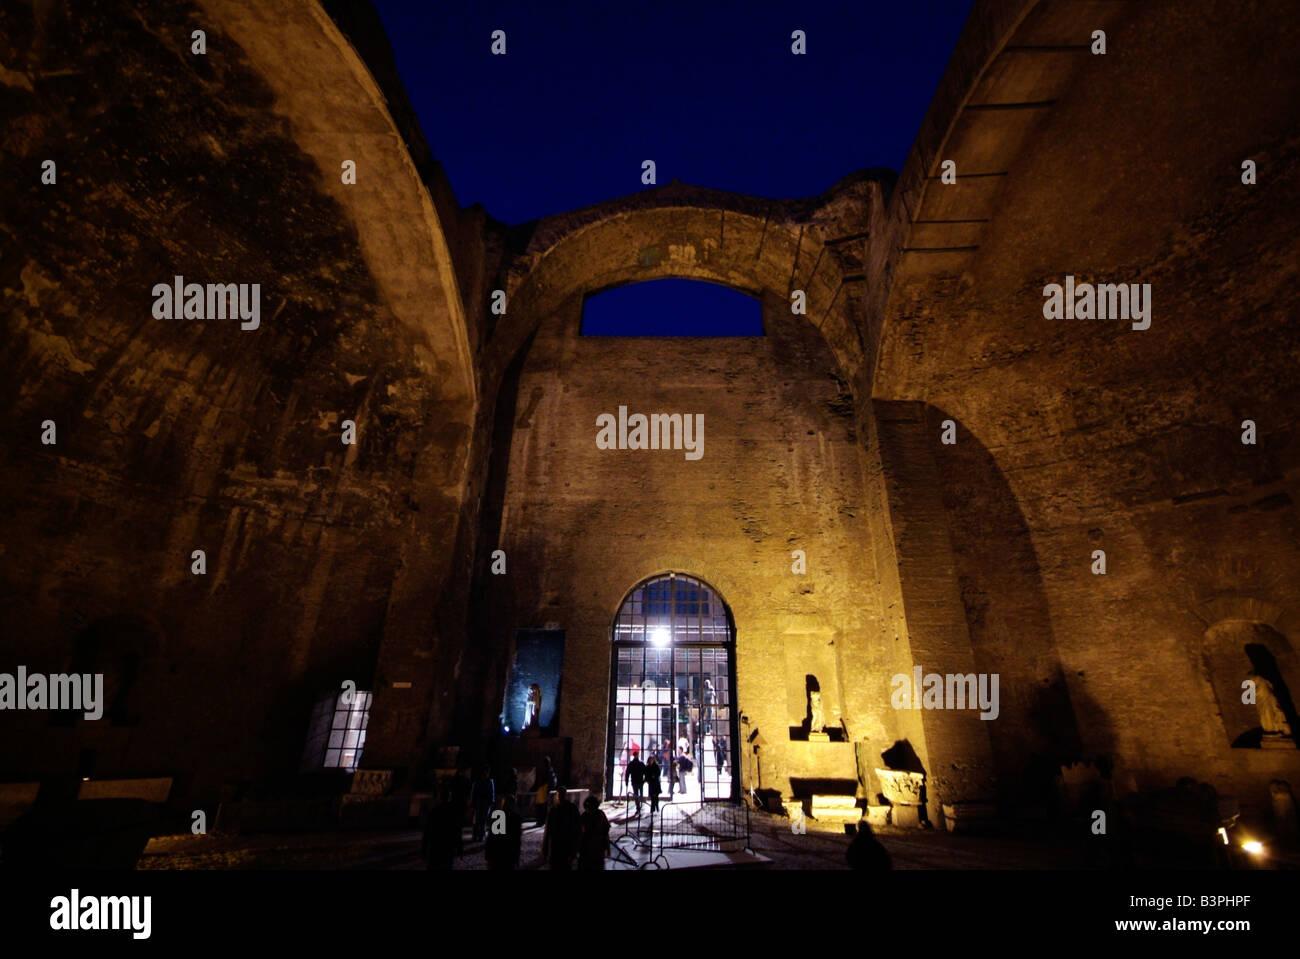 Exibition at Terme di Diocleziano edited by Achille Bonito Oliva, Roma Contemporary Art Fair, Rome, Lazio, Italy - Stock Image